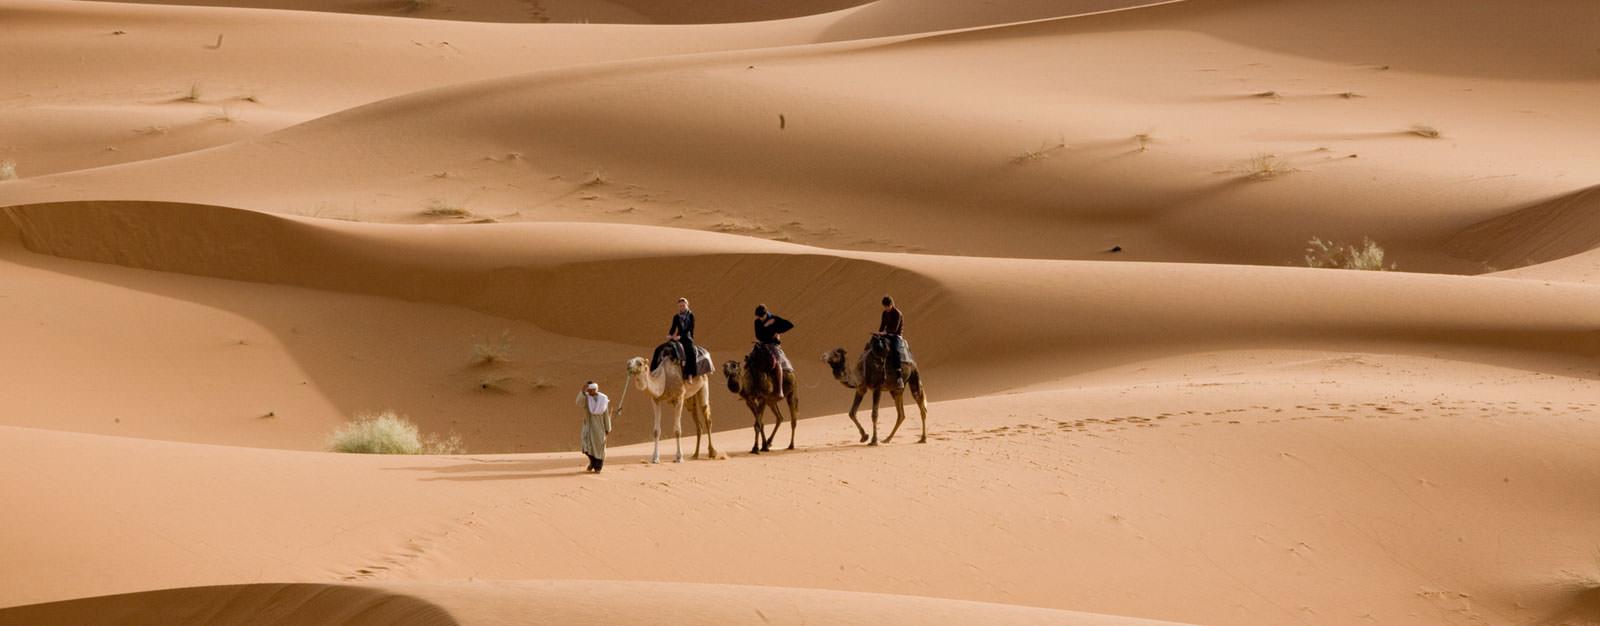 בלב הסהרה, מרוקו